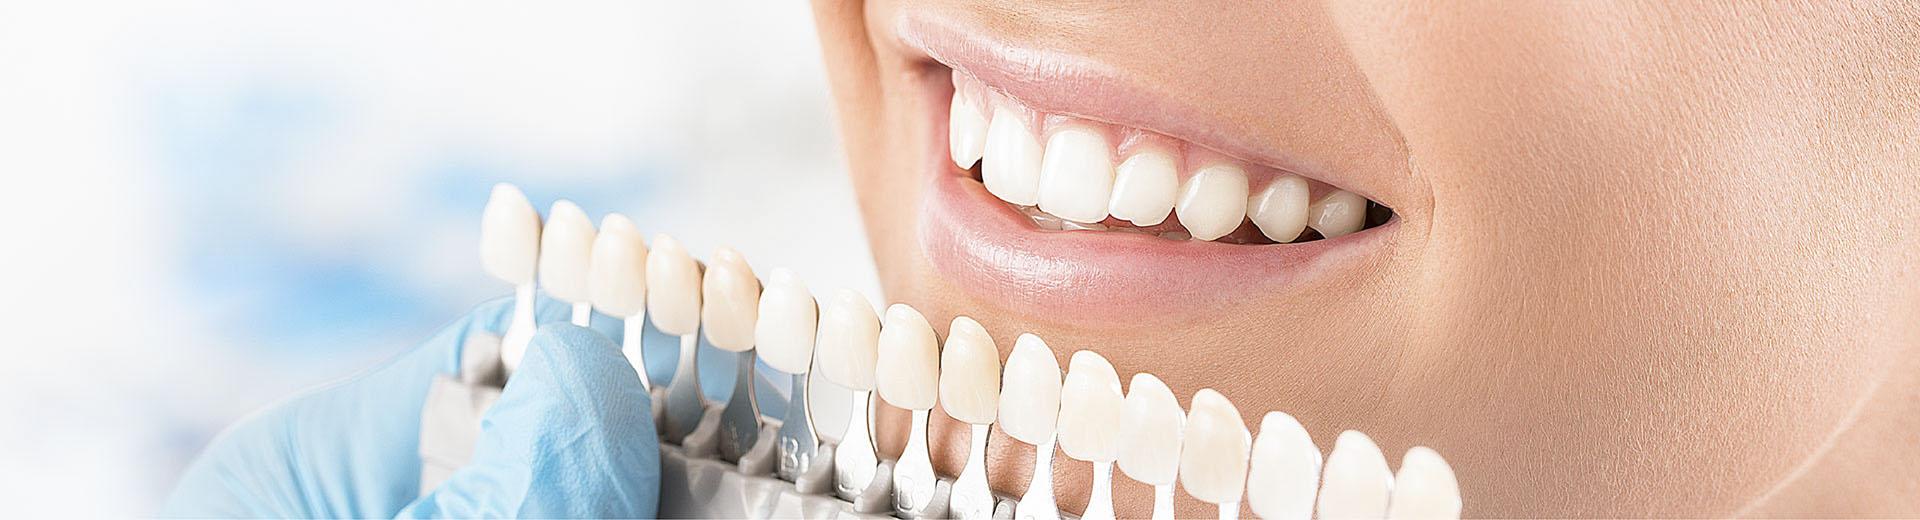 Mặt dán sứ veneer – Phục hình răng đẹp hoàn hảo, bảo tồn răng thật tối đa